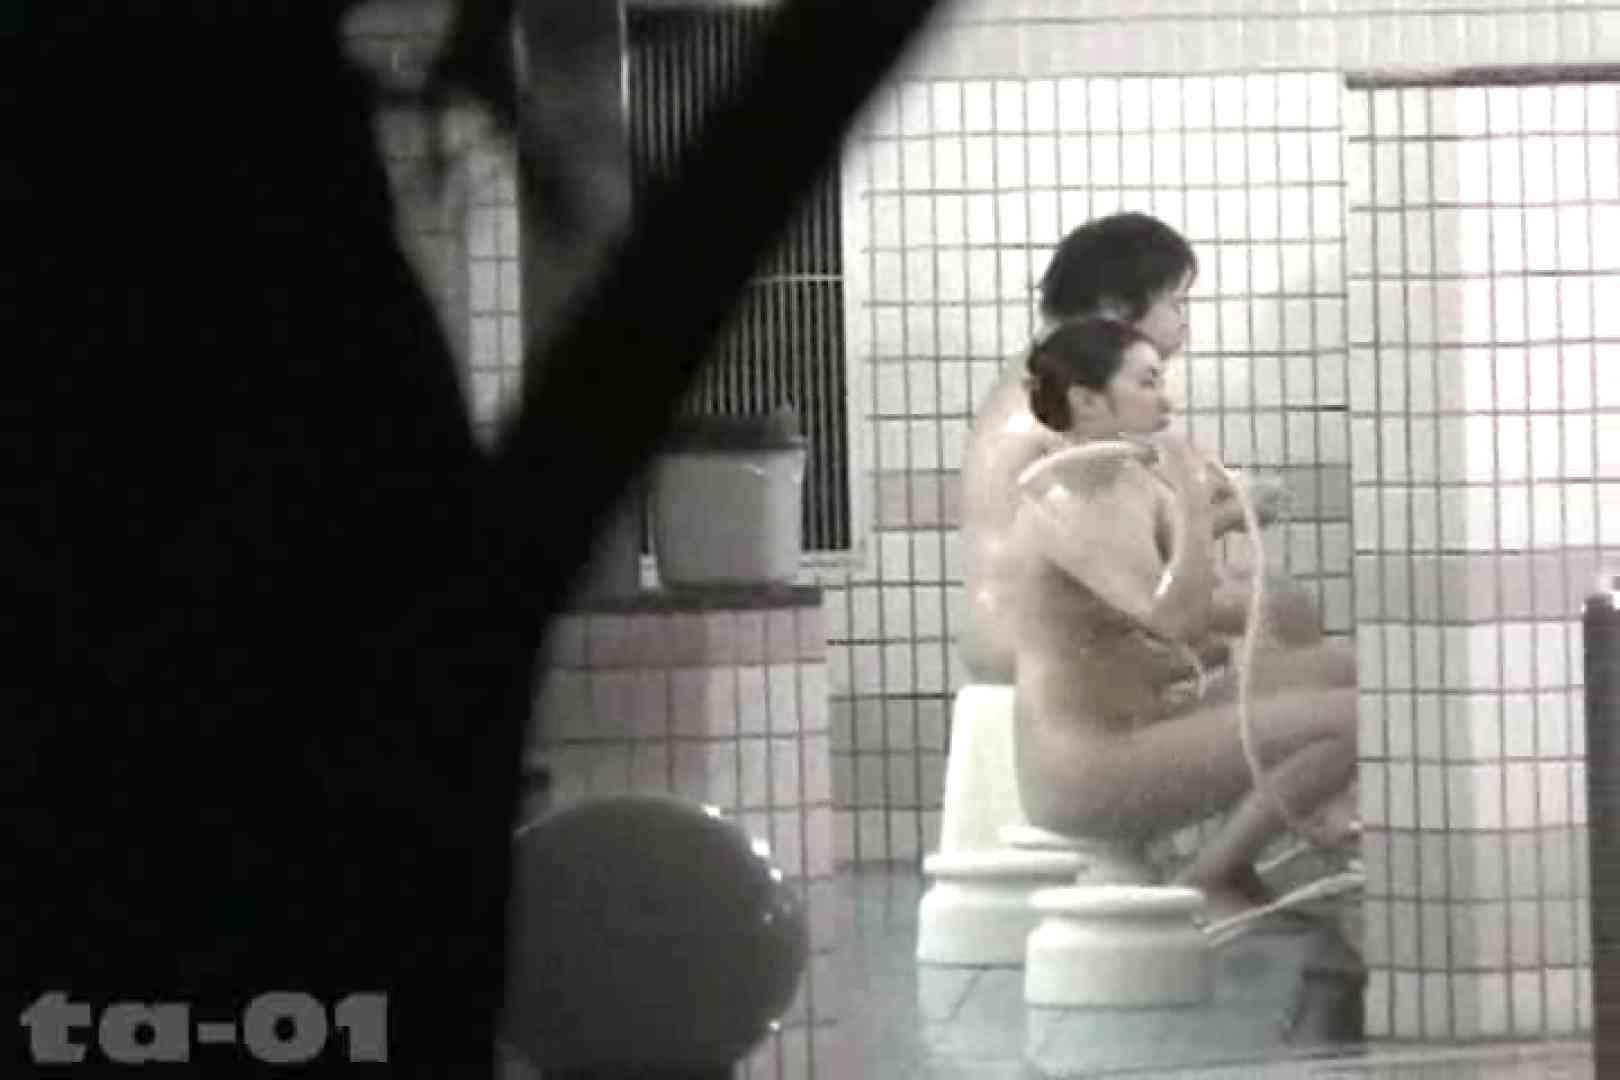 合宿ホテル女風呂盗撮高画質版 Vol.01 OLハメ撮り  22Pix 7